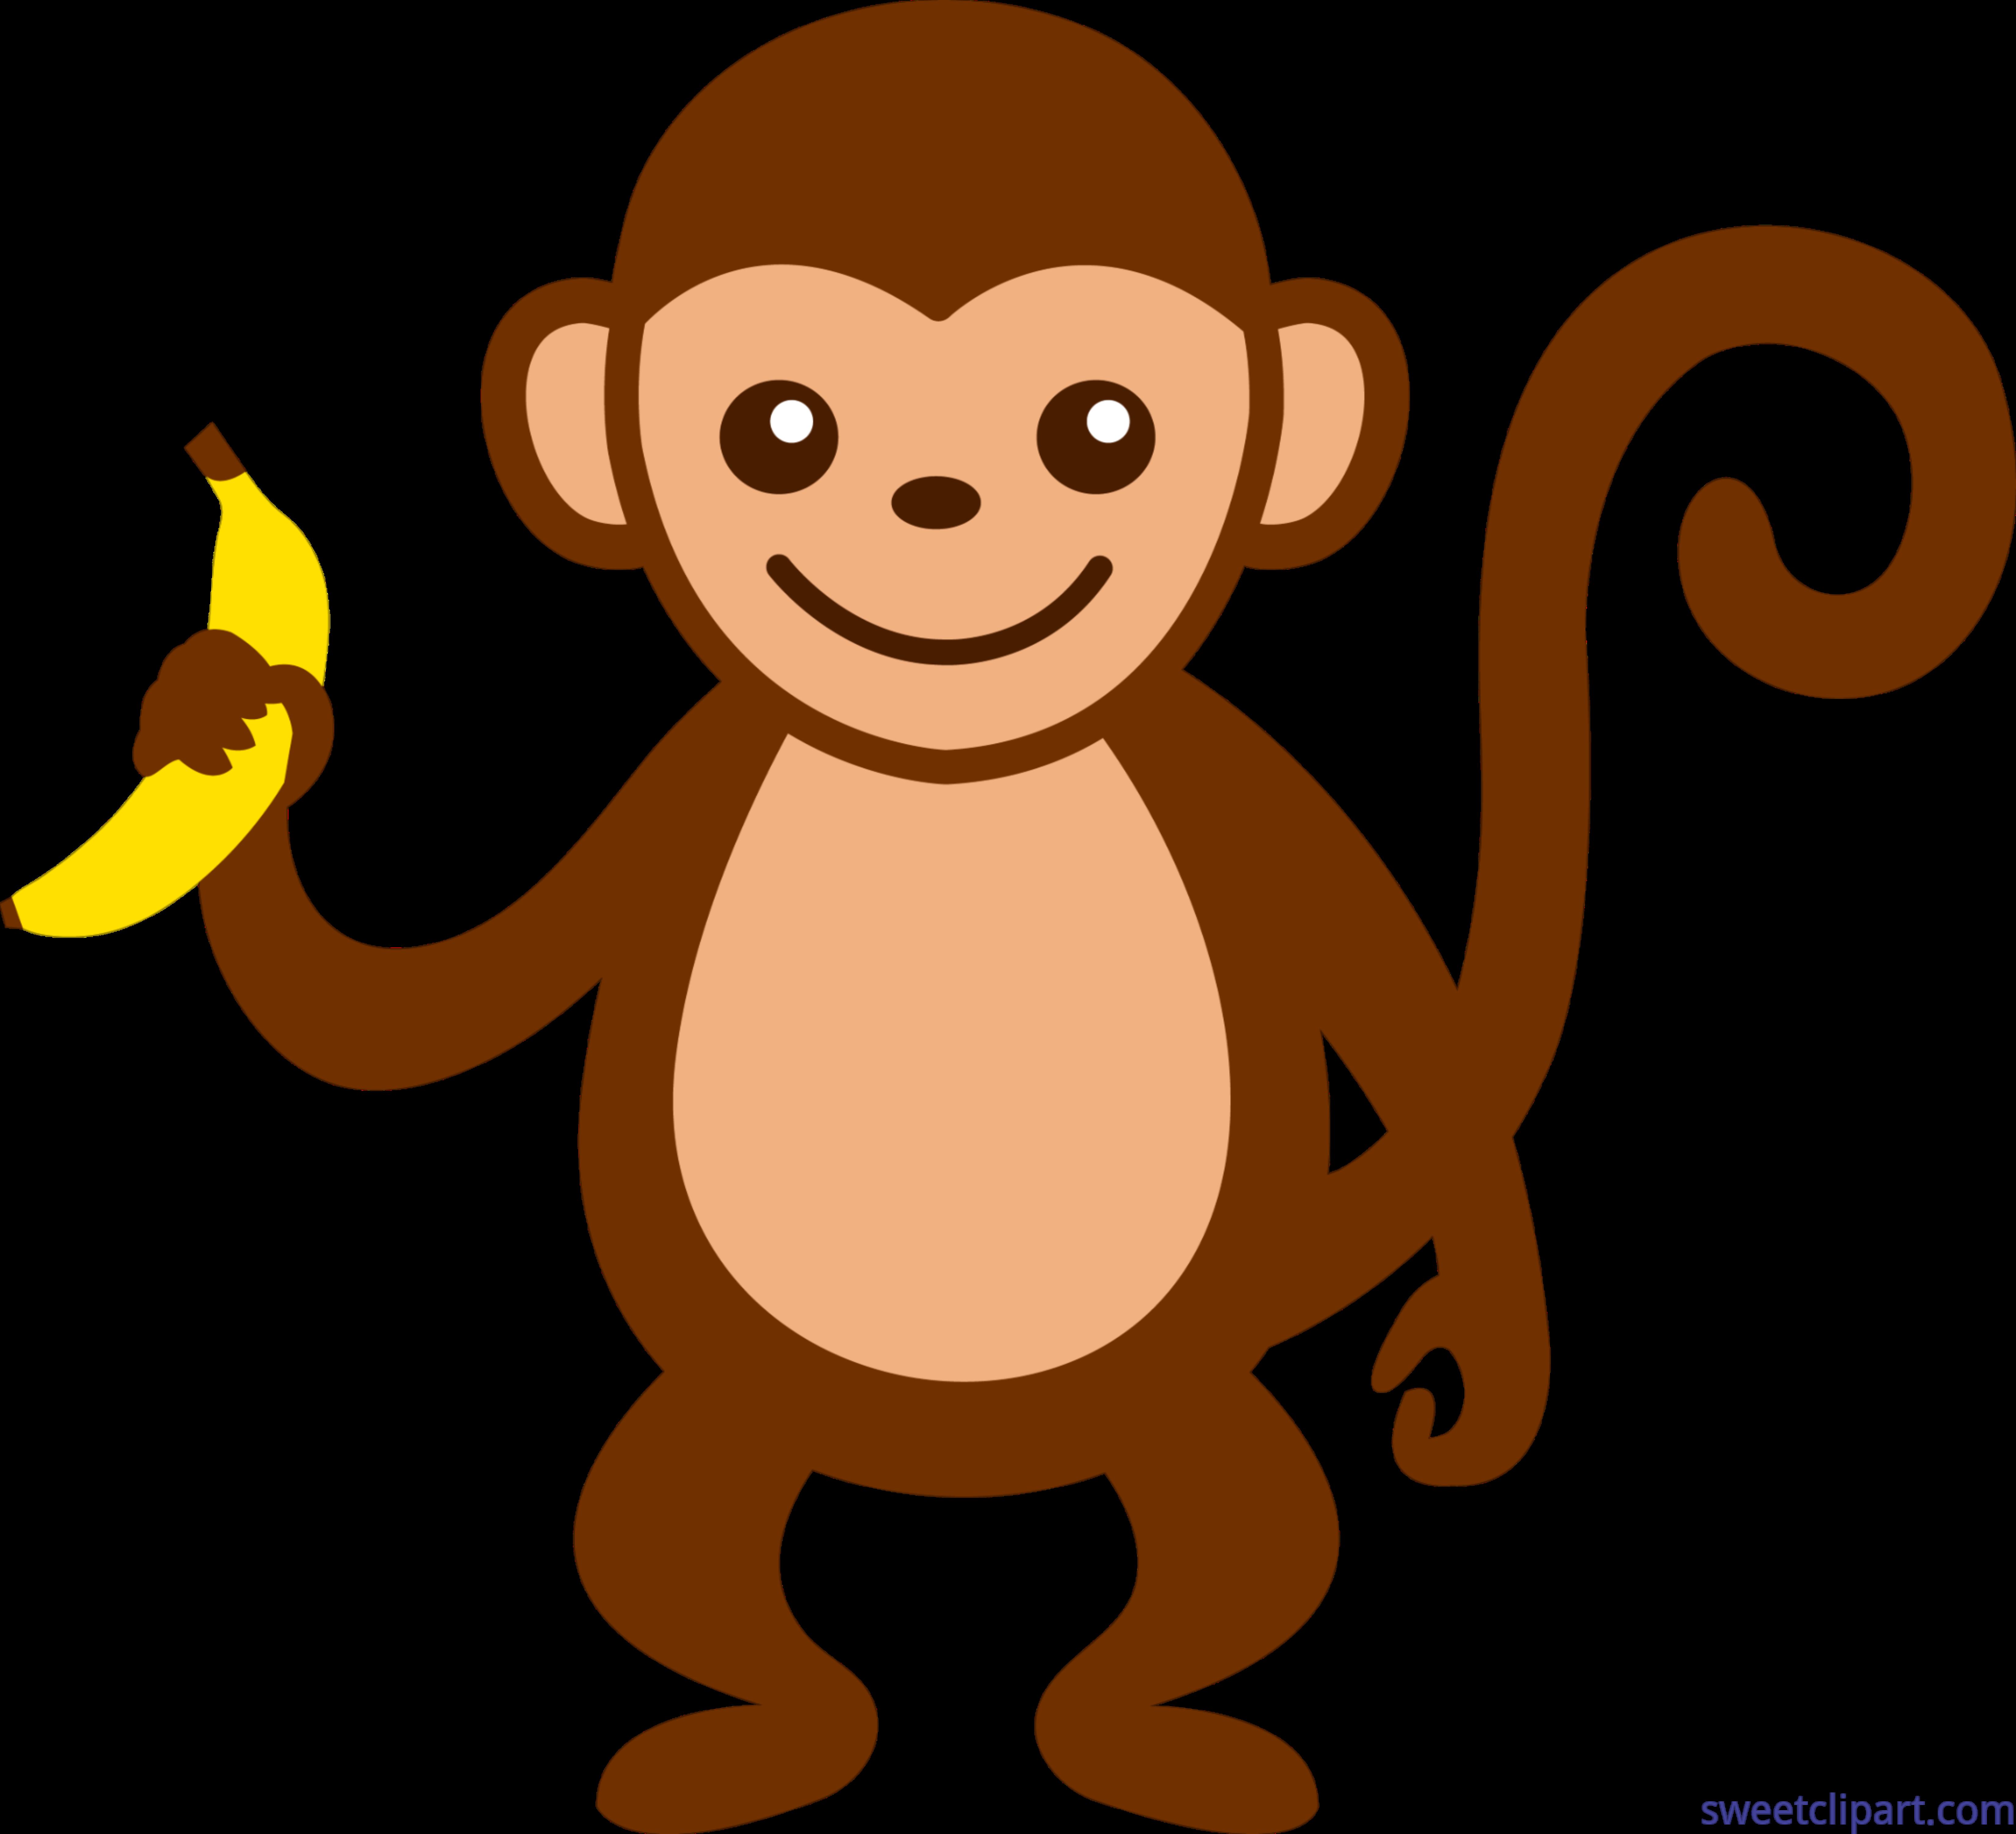 Clipart monkey. With banana clip art